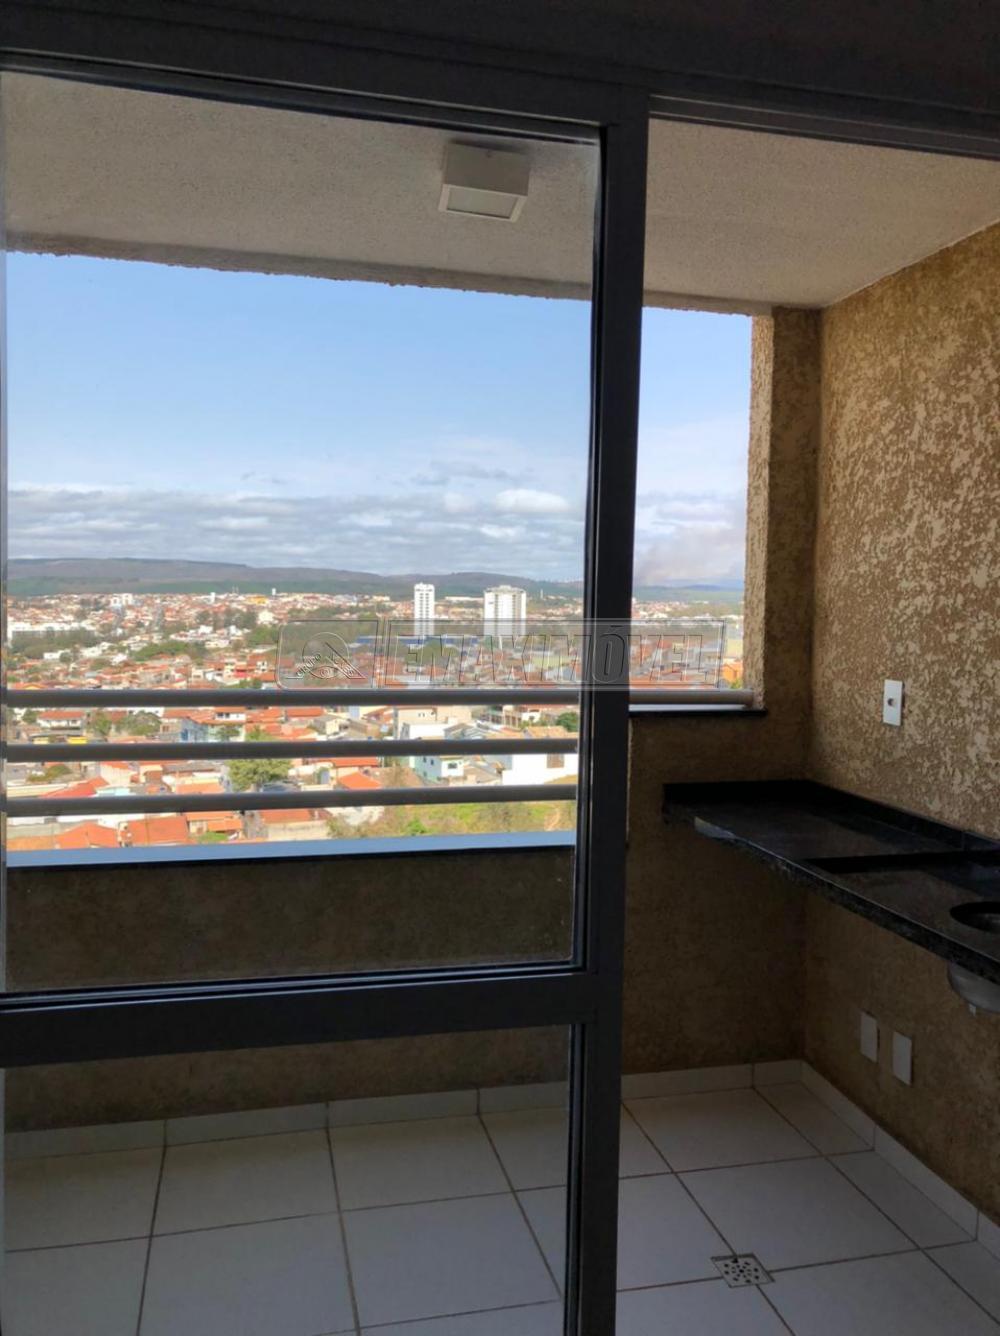 Comprar Apartamento / Padrão em Votorantim R$ 360.000,00 - Foto 2